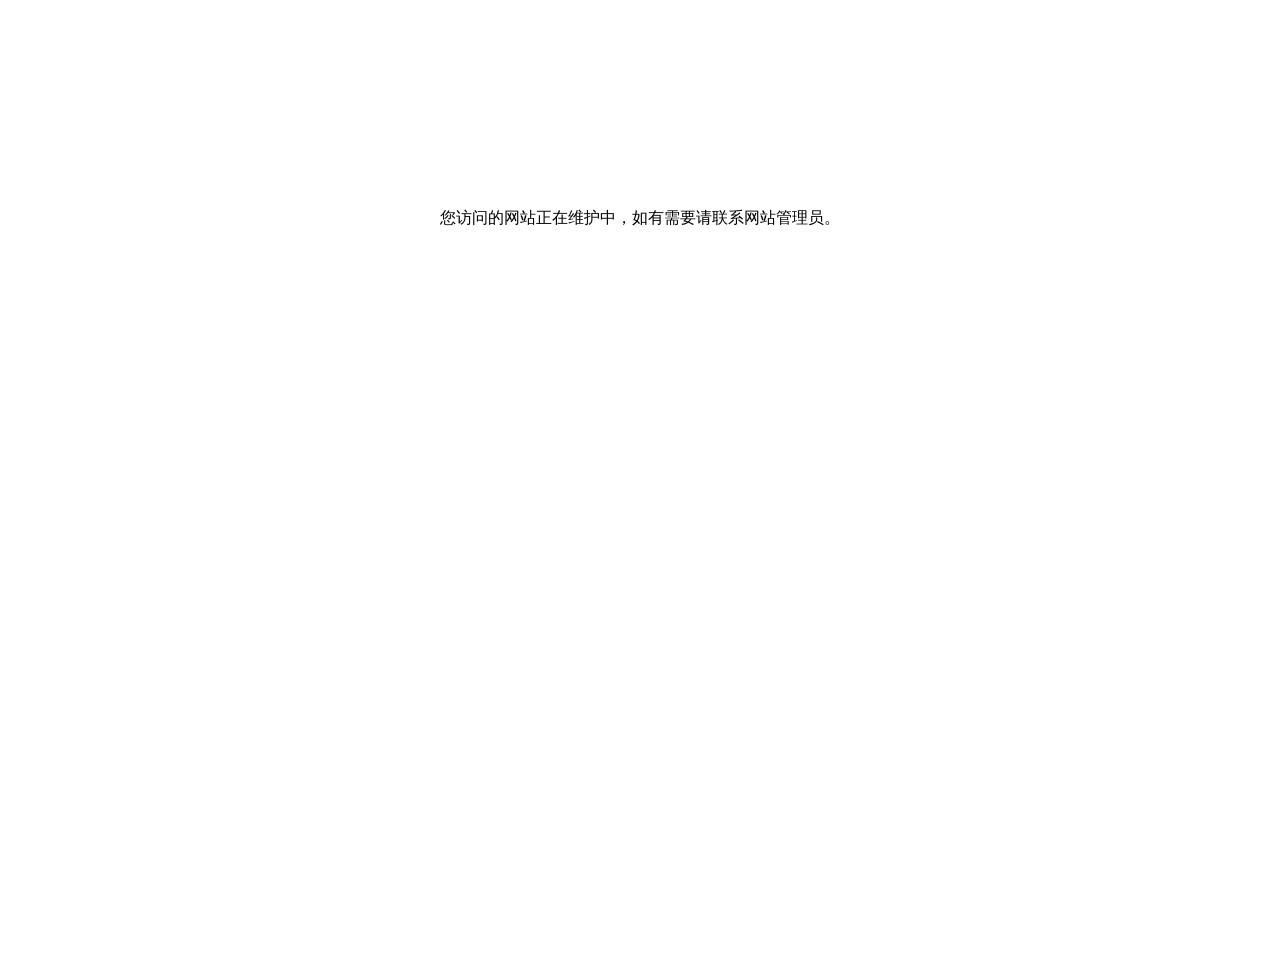 北京教育人才网的网站截图